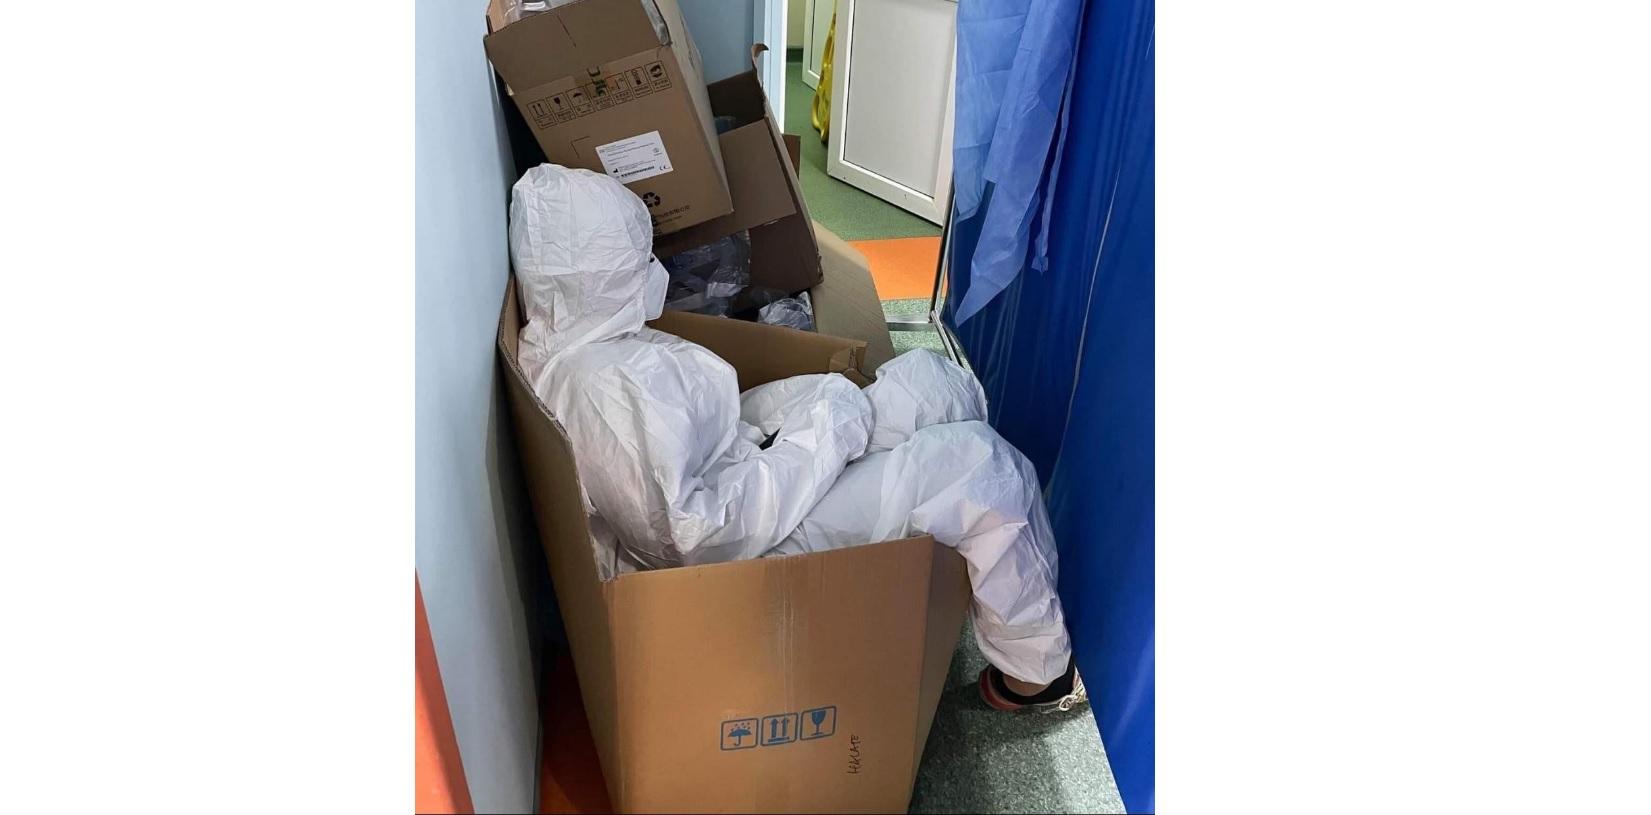 FOTO. Lupta cadrelor medicale cu oboseala: O asistentă se odihnește într-o cutie, pentru că toate paturile și scaunele din spital sunt ocupate